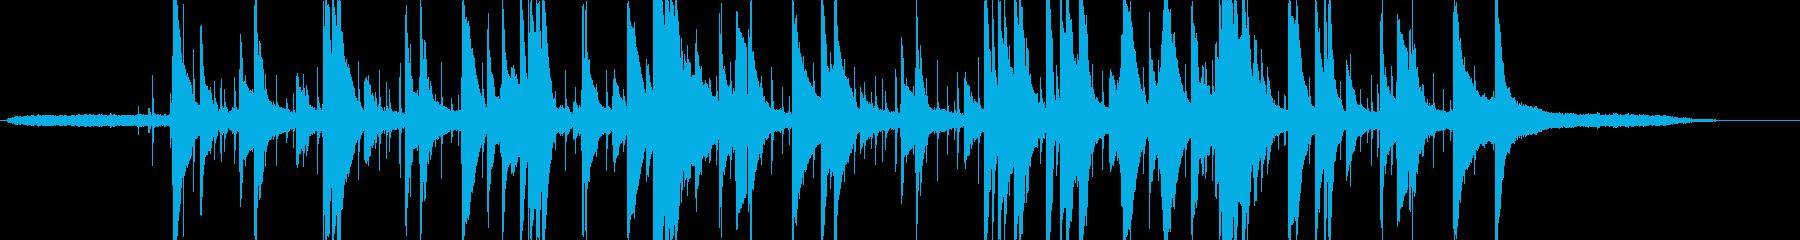 ゆったりとした大人なピアノトリオの再生済みの波形